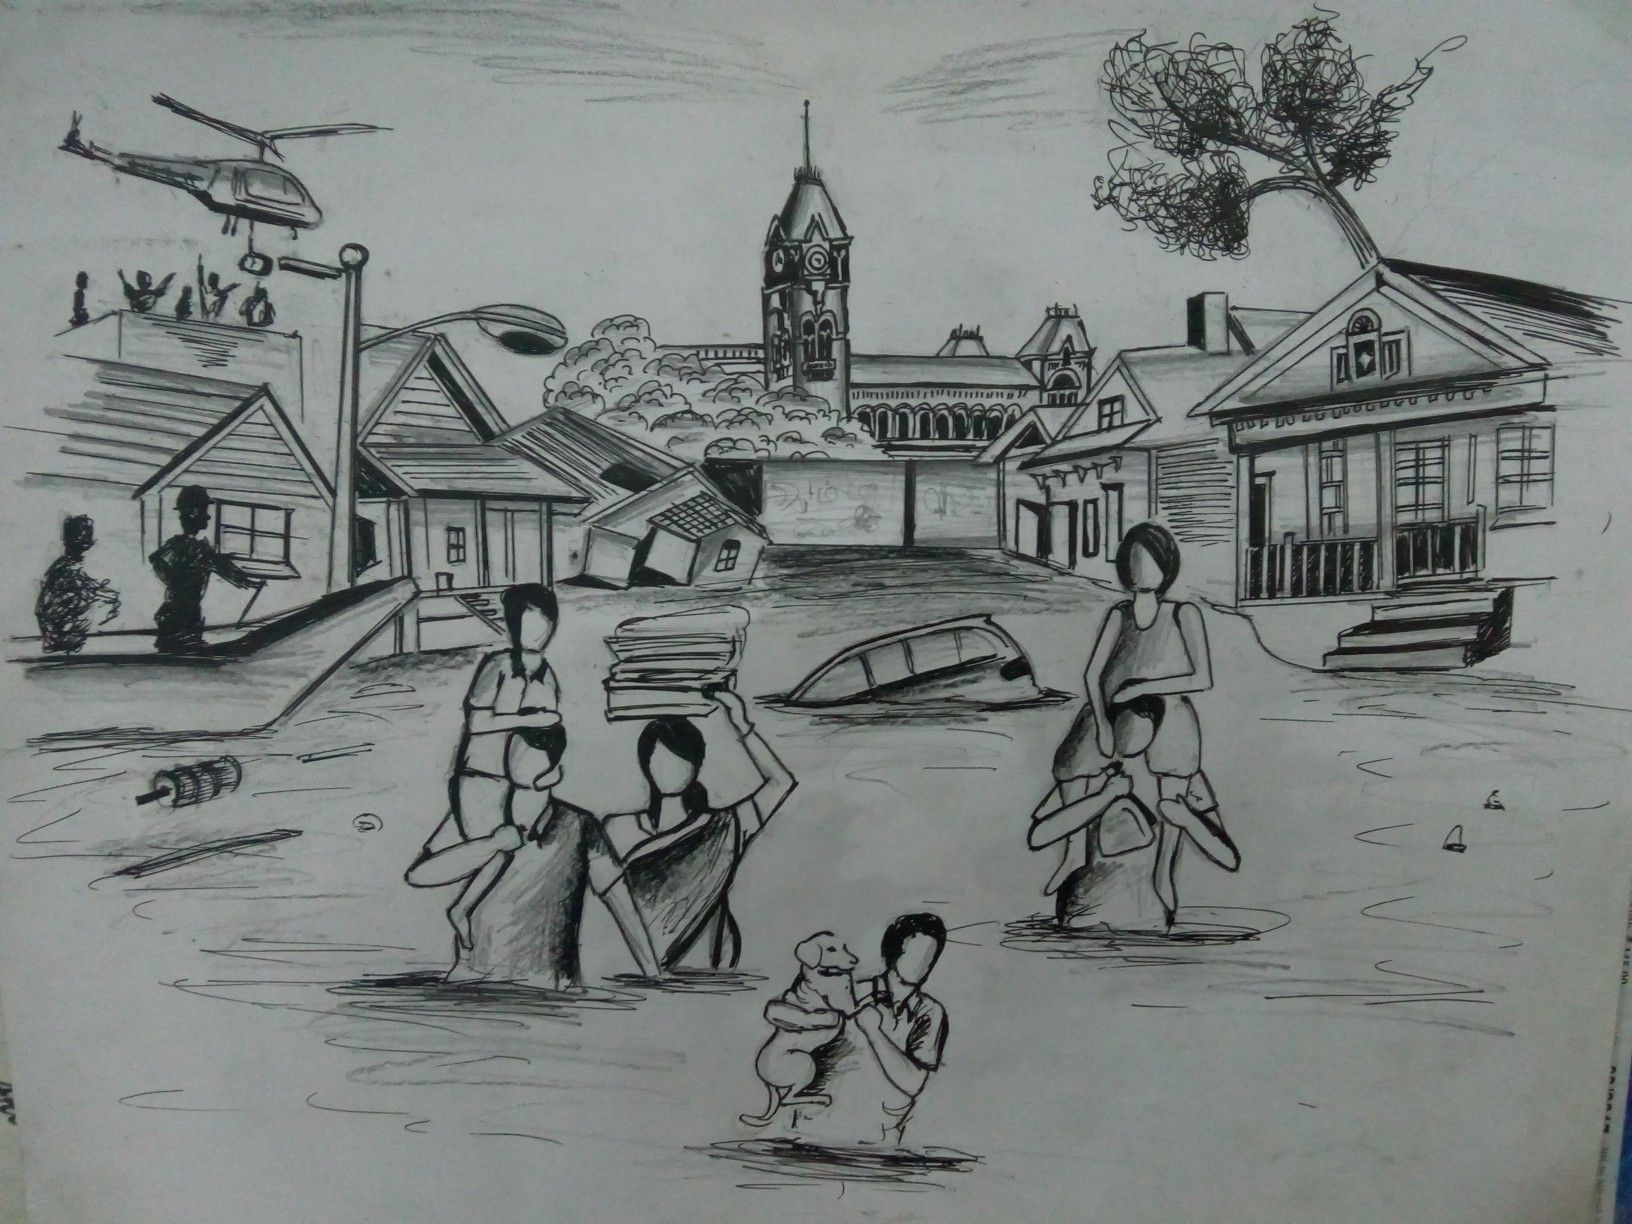 Chennai flood pencil sketches